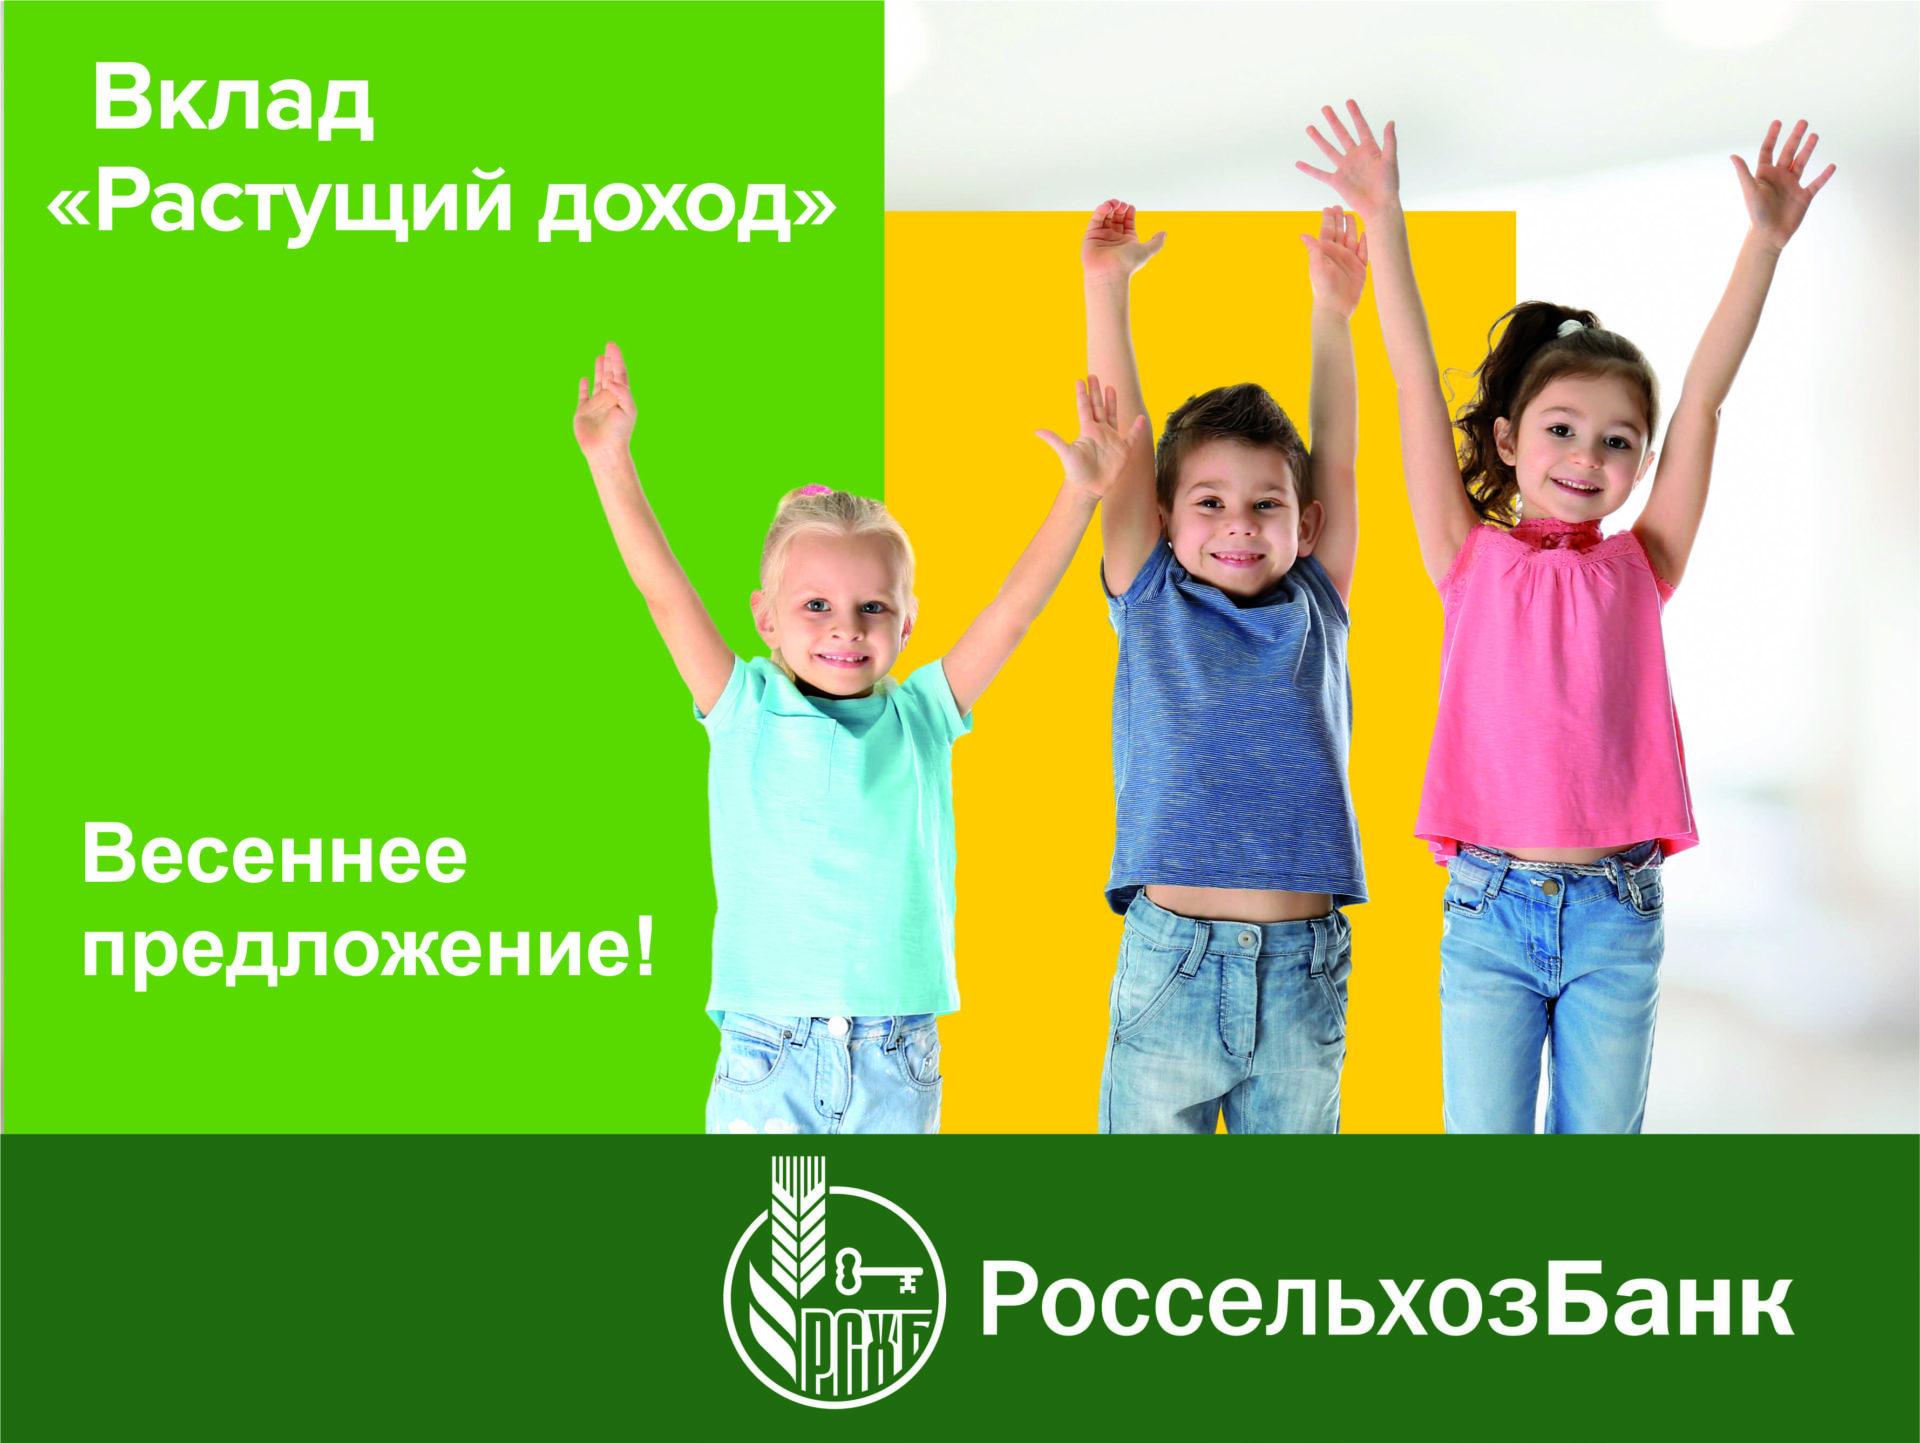 Россельхозбанк увеличил процентную ставку по вкладу «Растущий доход»